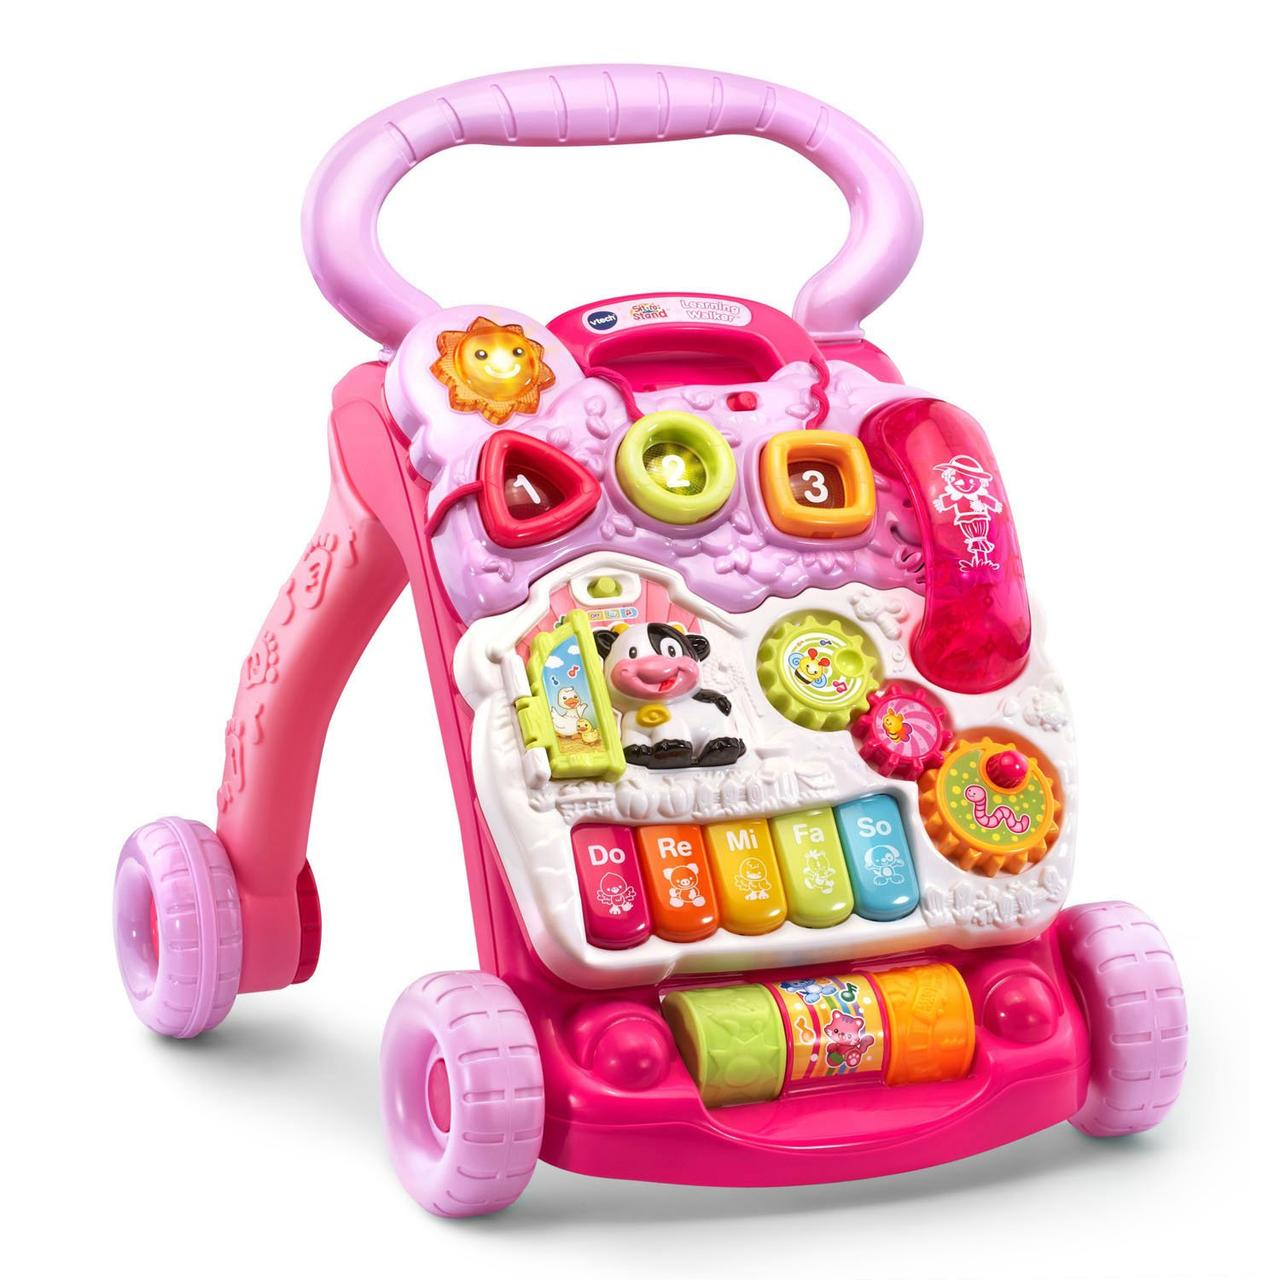 VTech Многофункциональные ходунки-толкатели со съемной игровой панелью, розовые